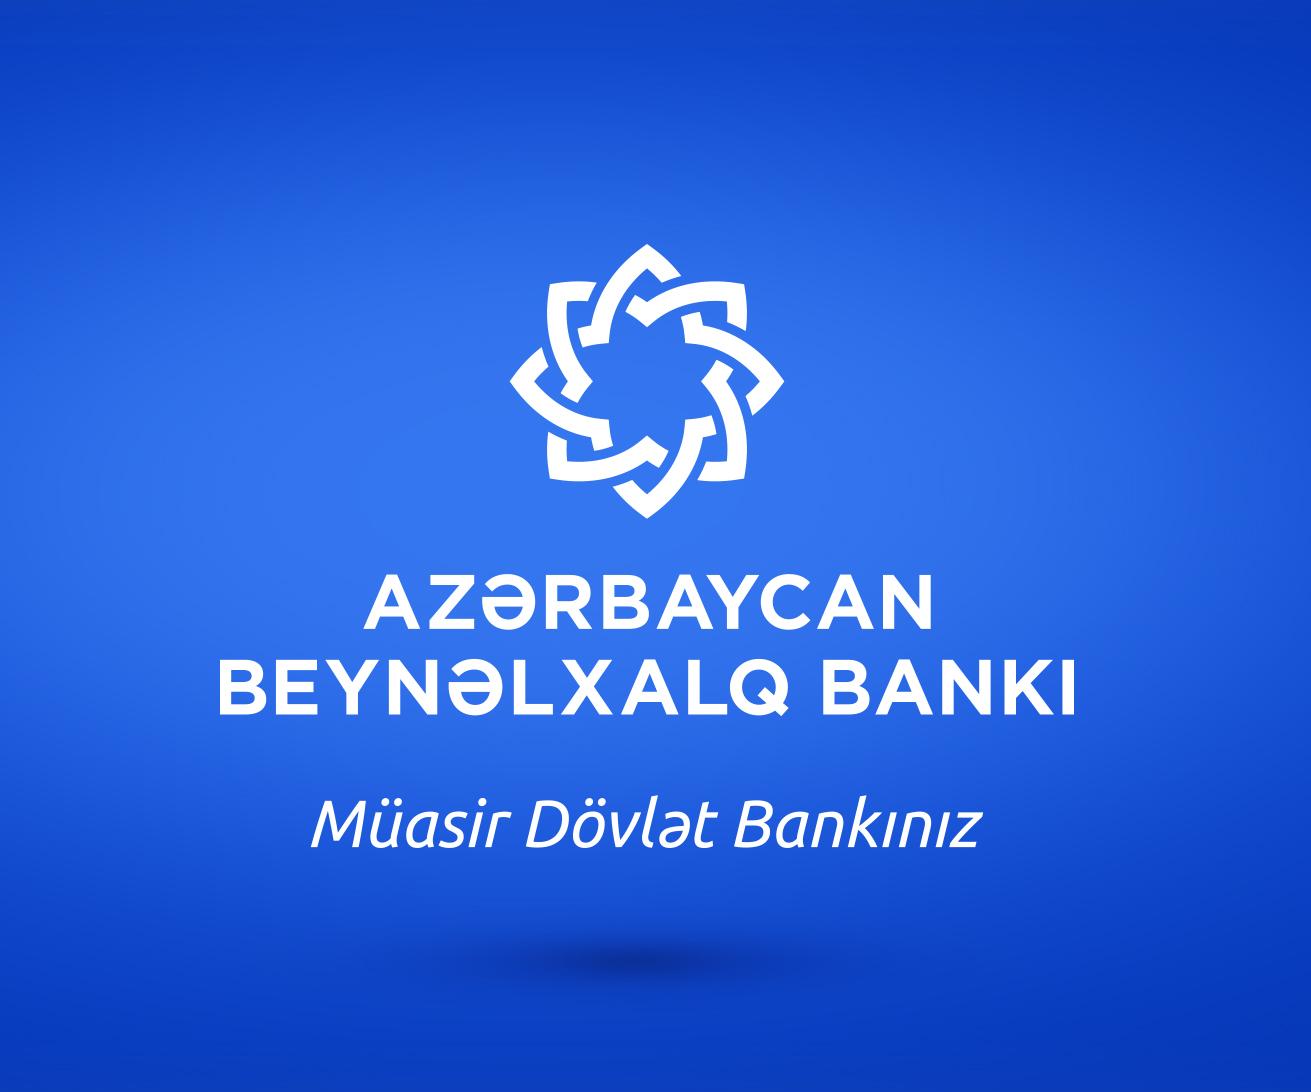 Международный Банк Азербайджана сохраняет финансовую стабильность